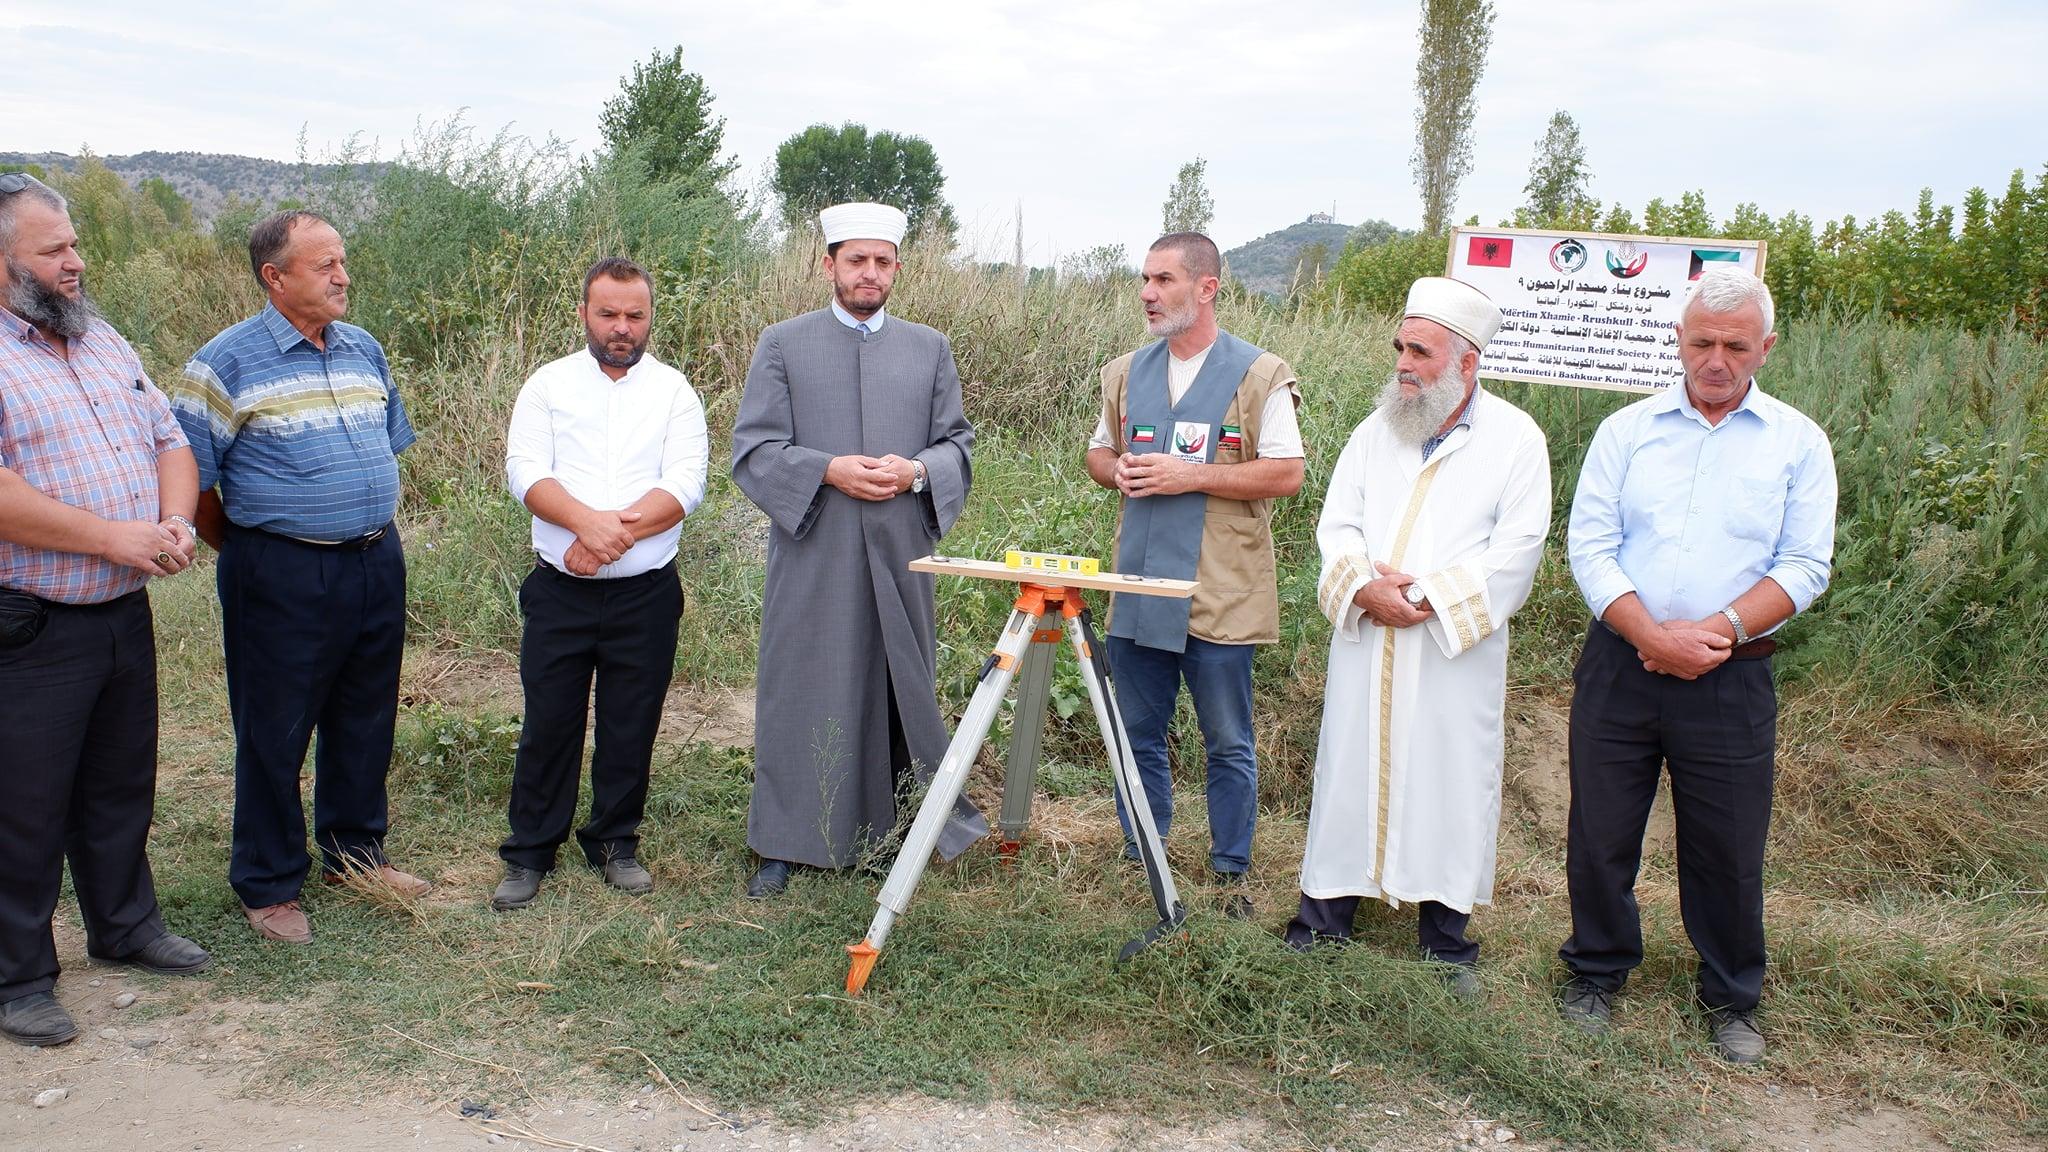 Nisin punimet për ndërtimin e xhamisë së re në fshatin Rrushkull-Belaj